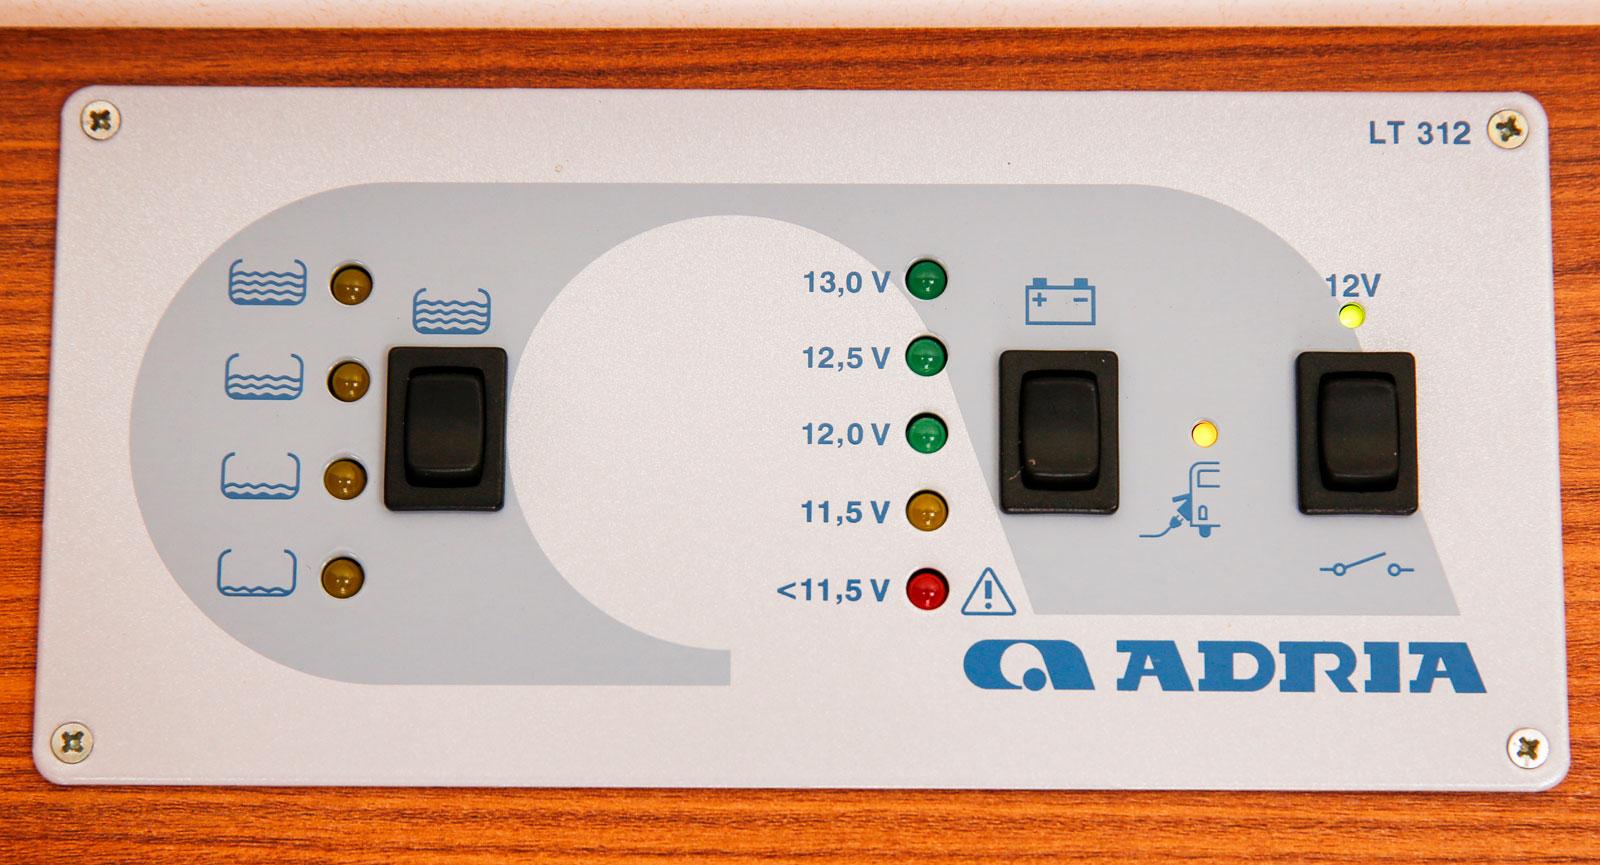 Manöverpanel som visar vattennivån och batterikapaciteten.